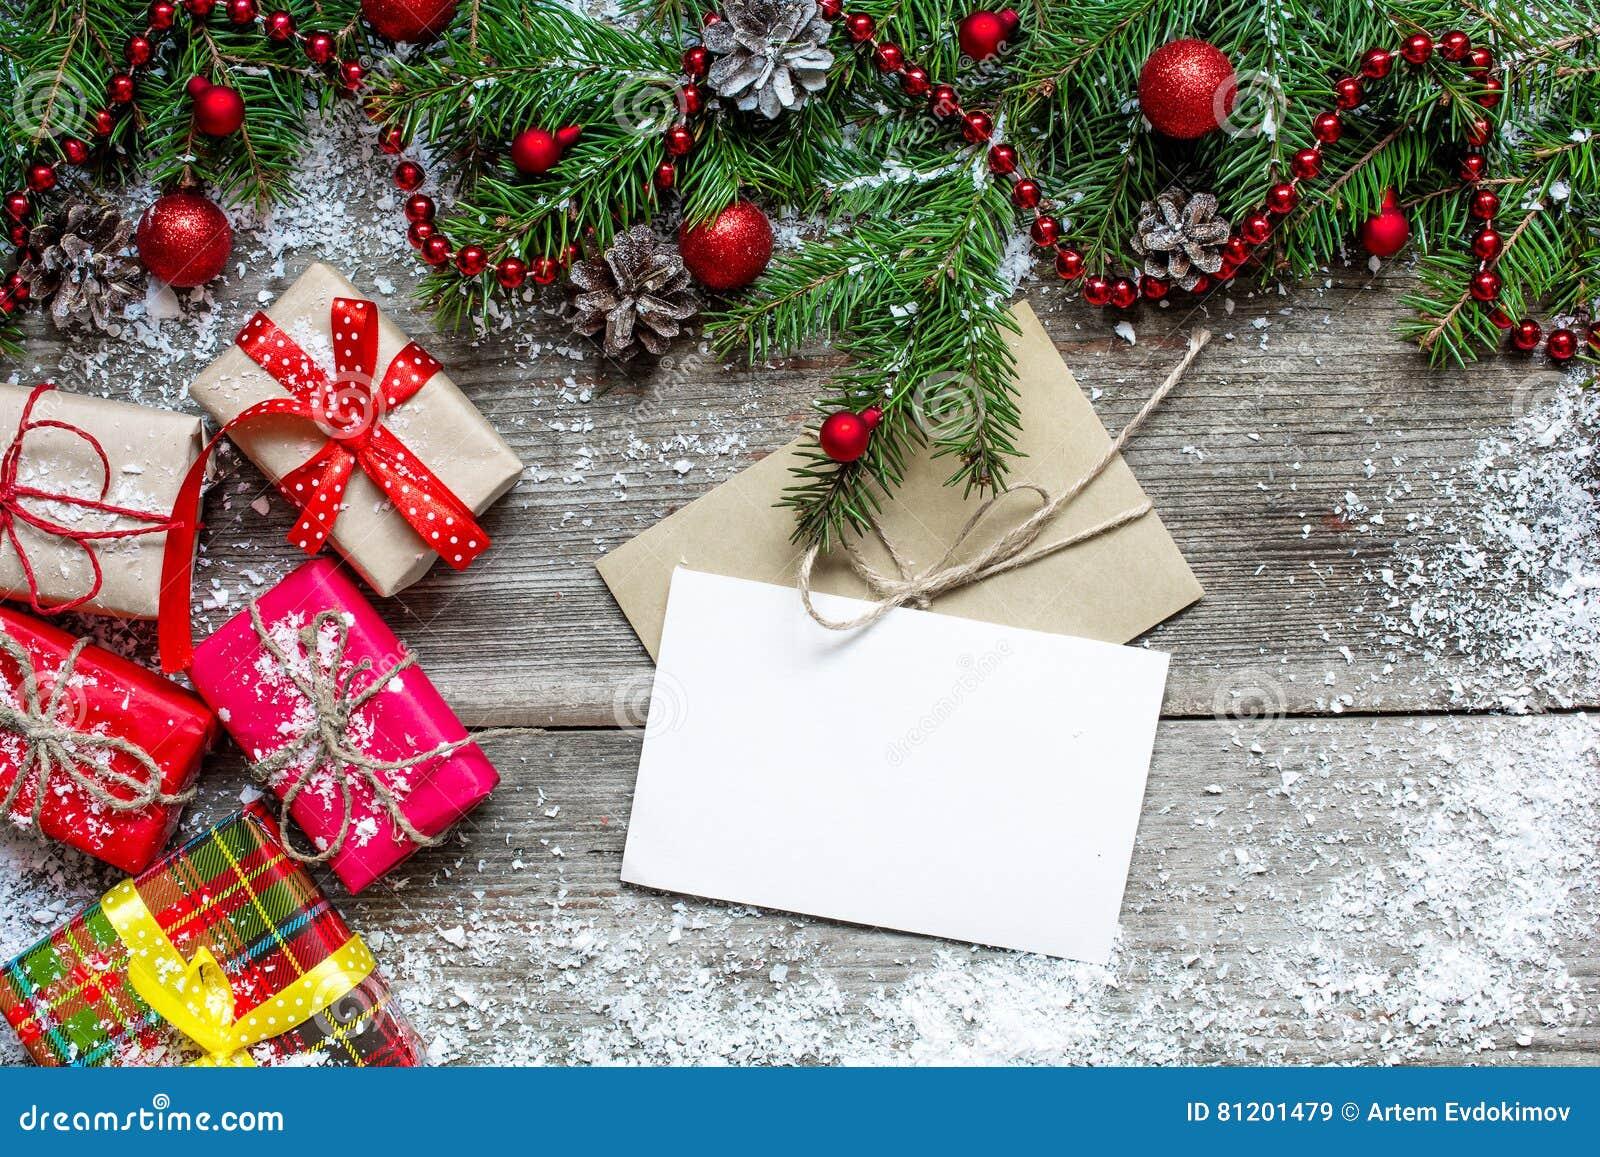 Weihnachtsgru karte mit geschenkboxen tannenbaum und dekoration stockbild bild von karte - Tannenbaum dekoration ...